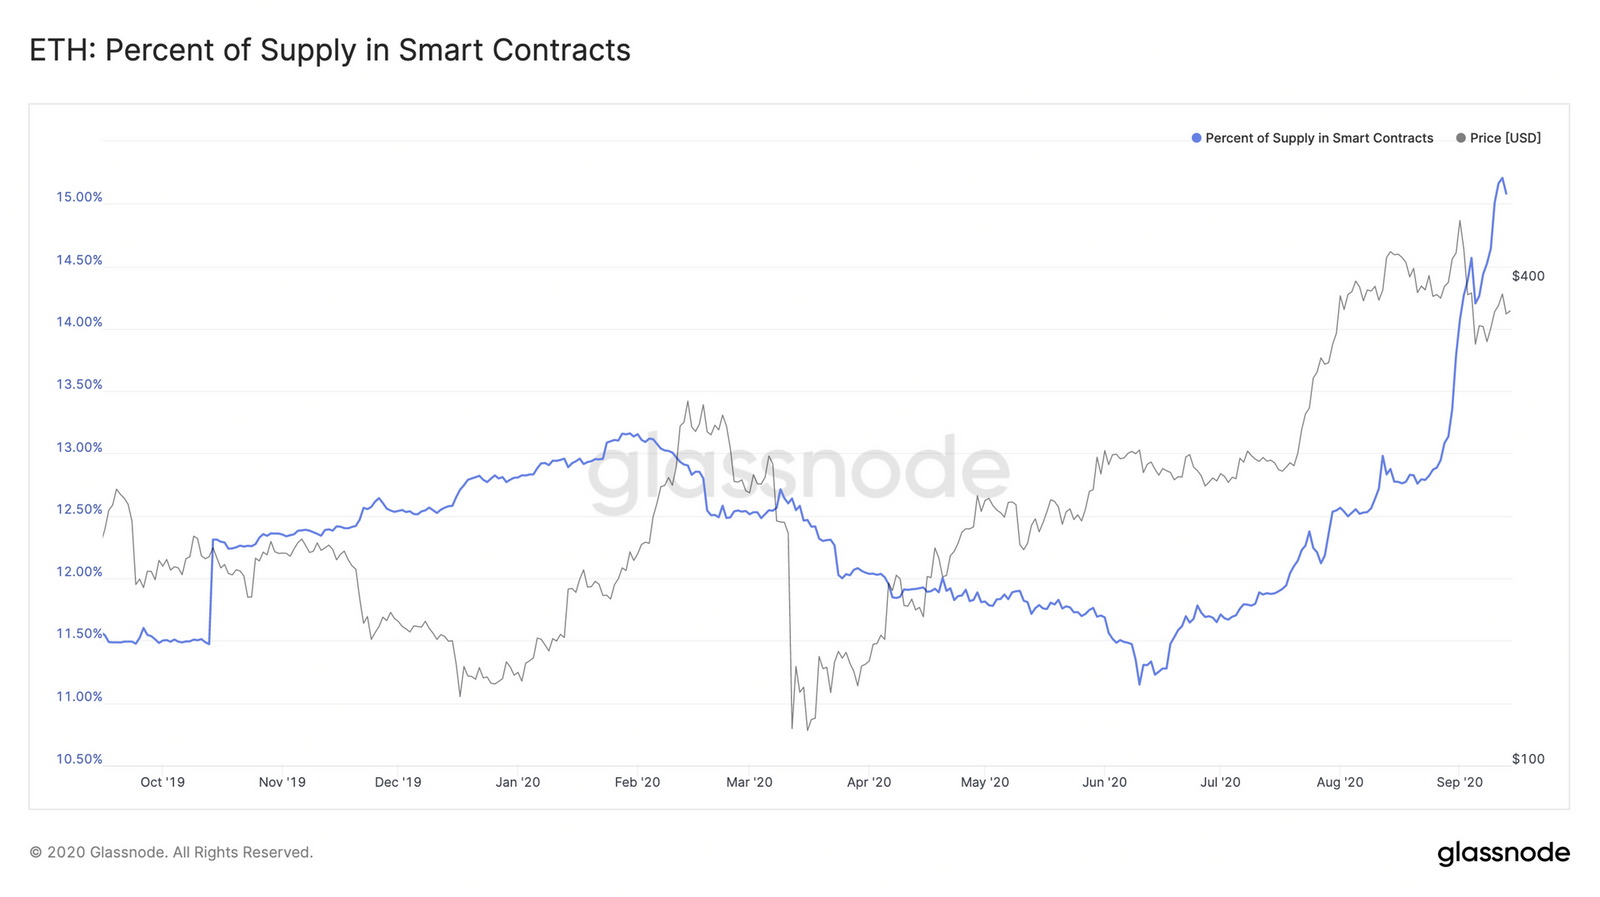 Part des ETH verrouillés dans des smart contracts